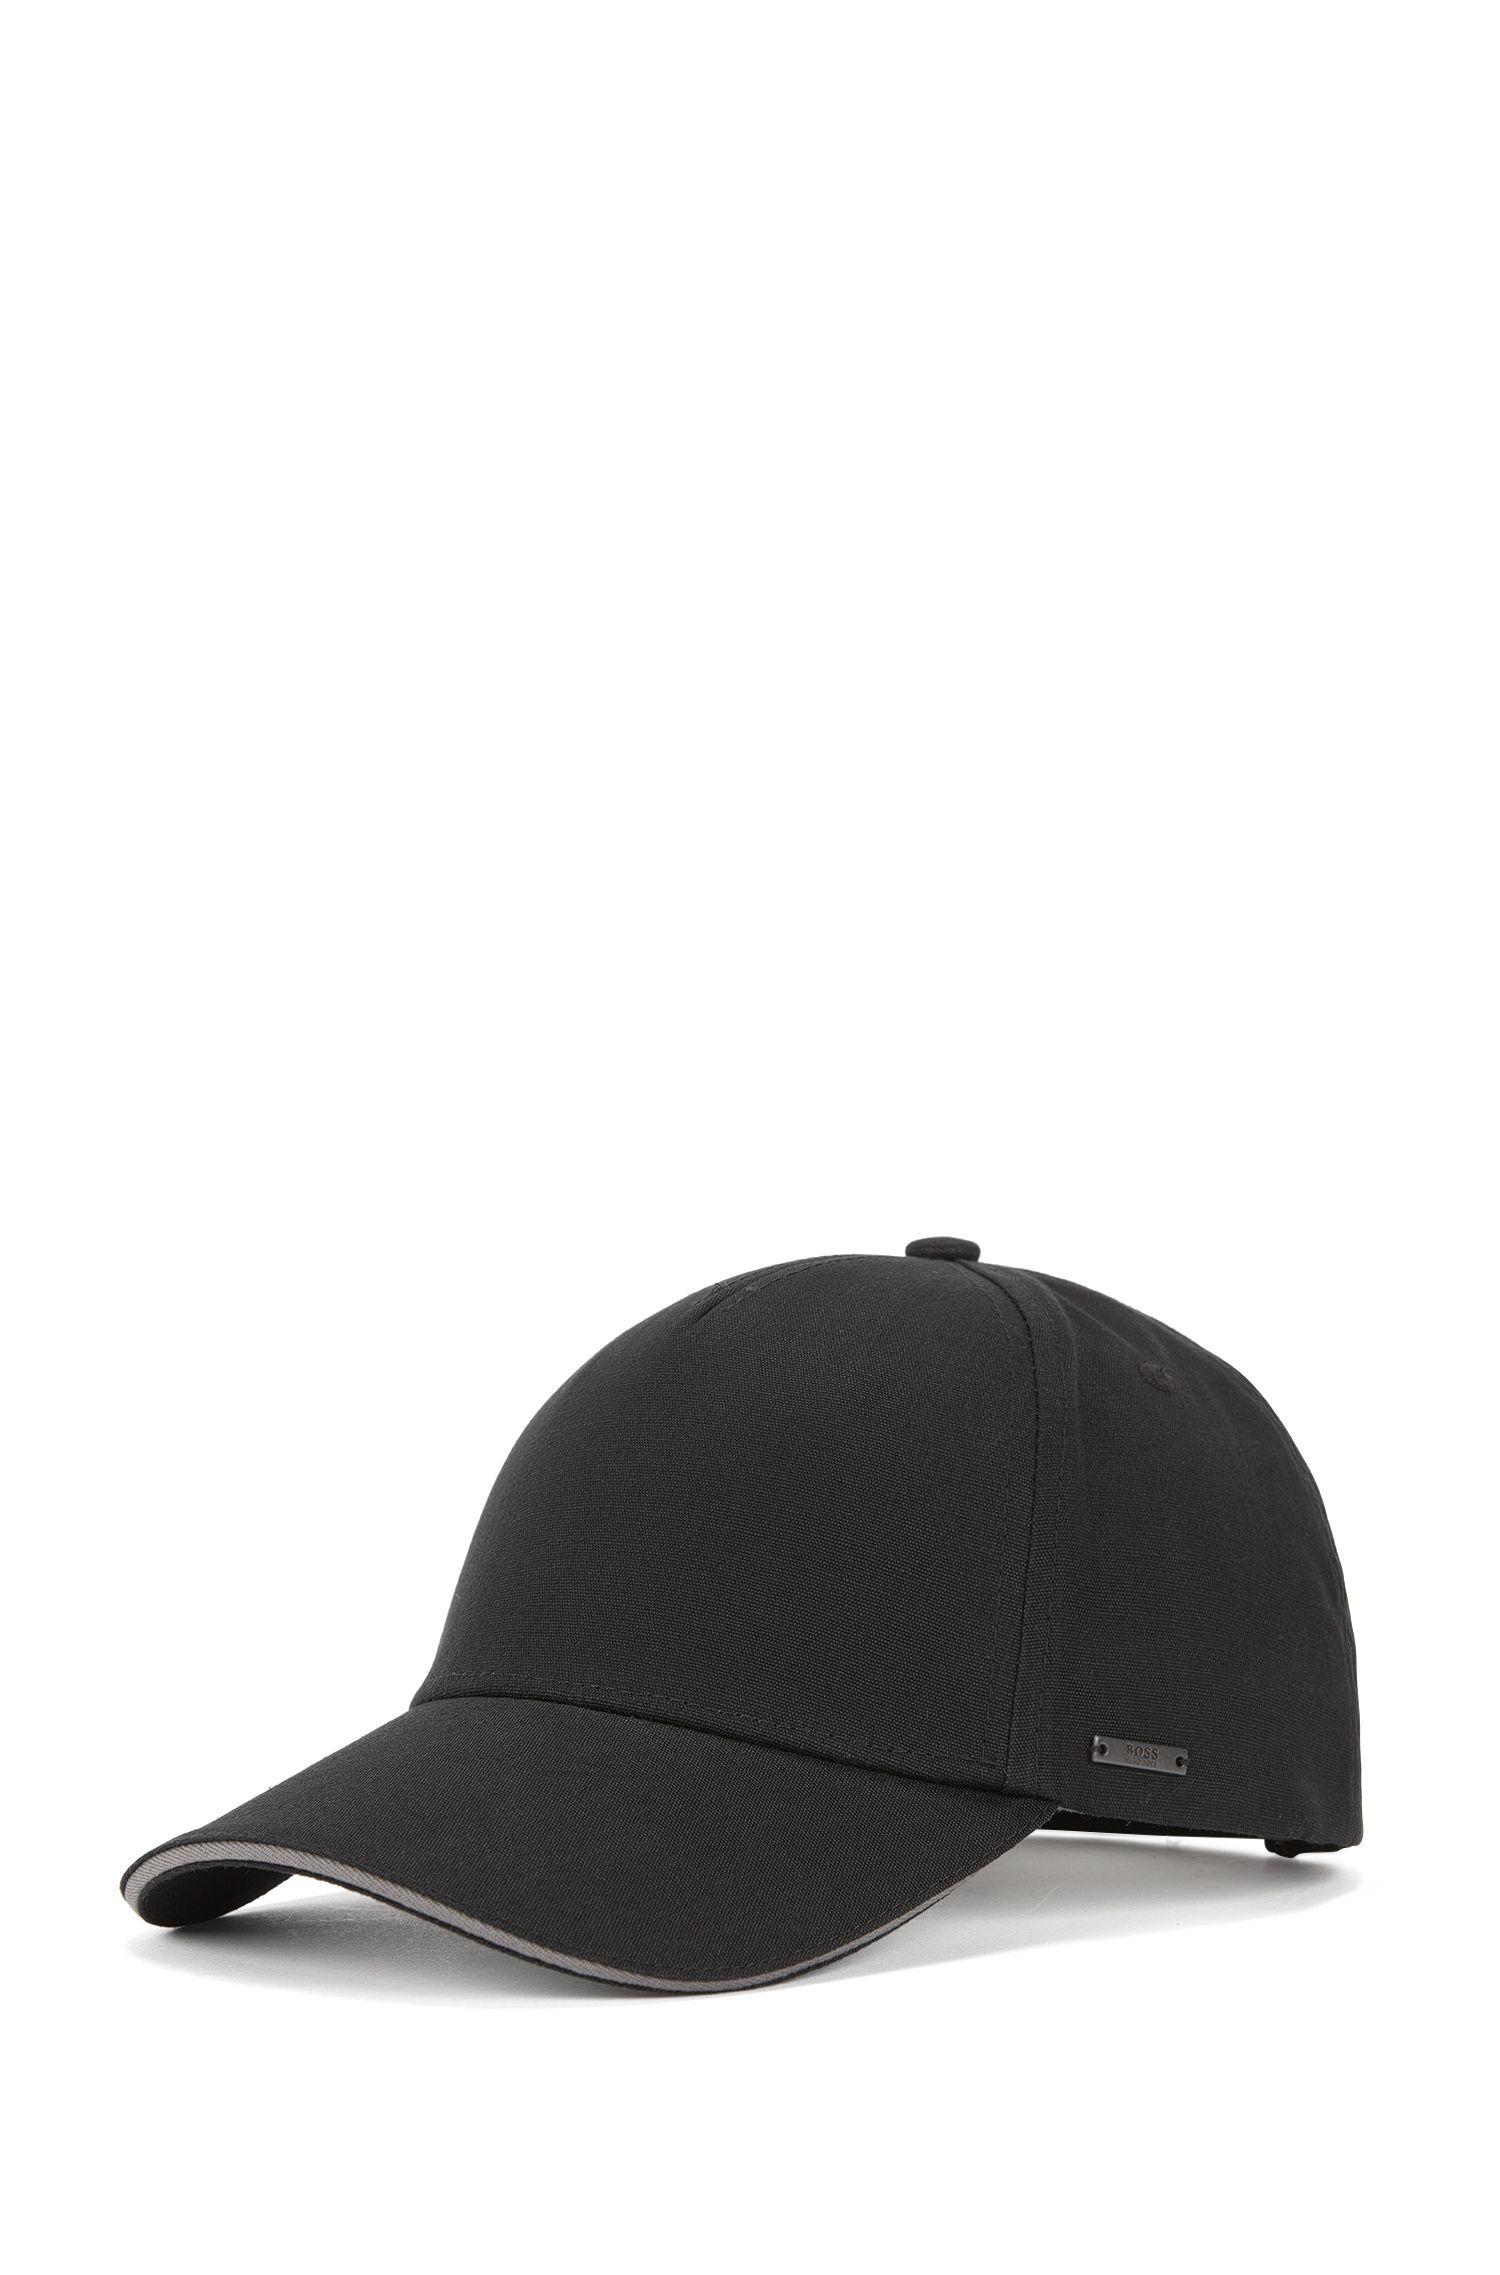 Cotton Baseball Cap | Serios